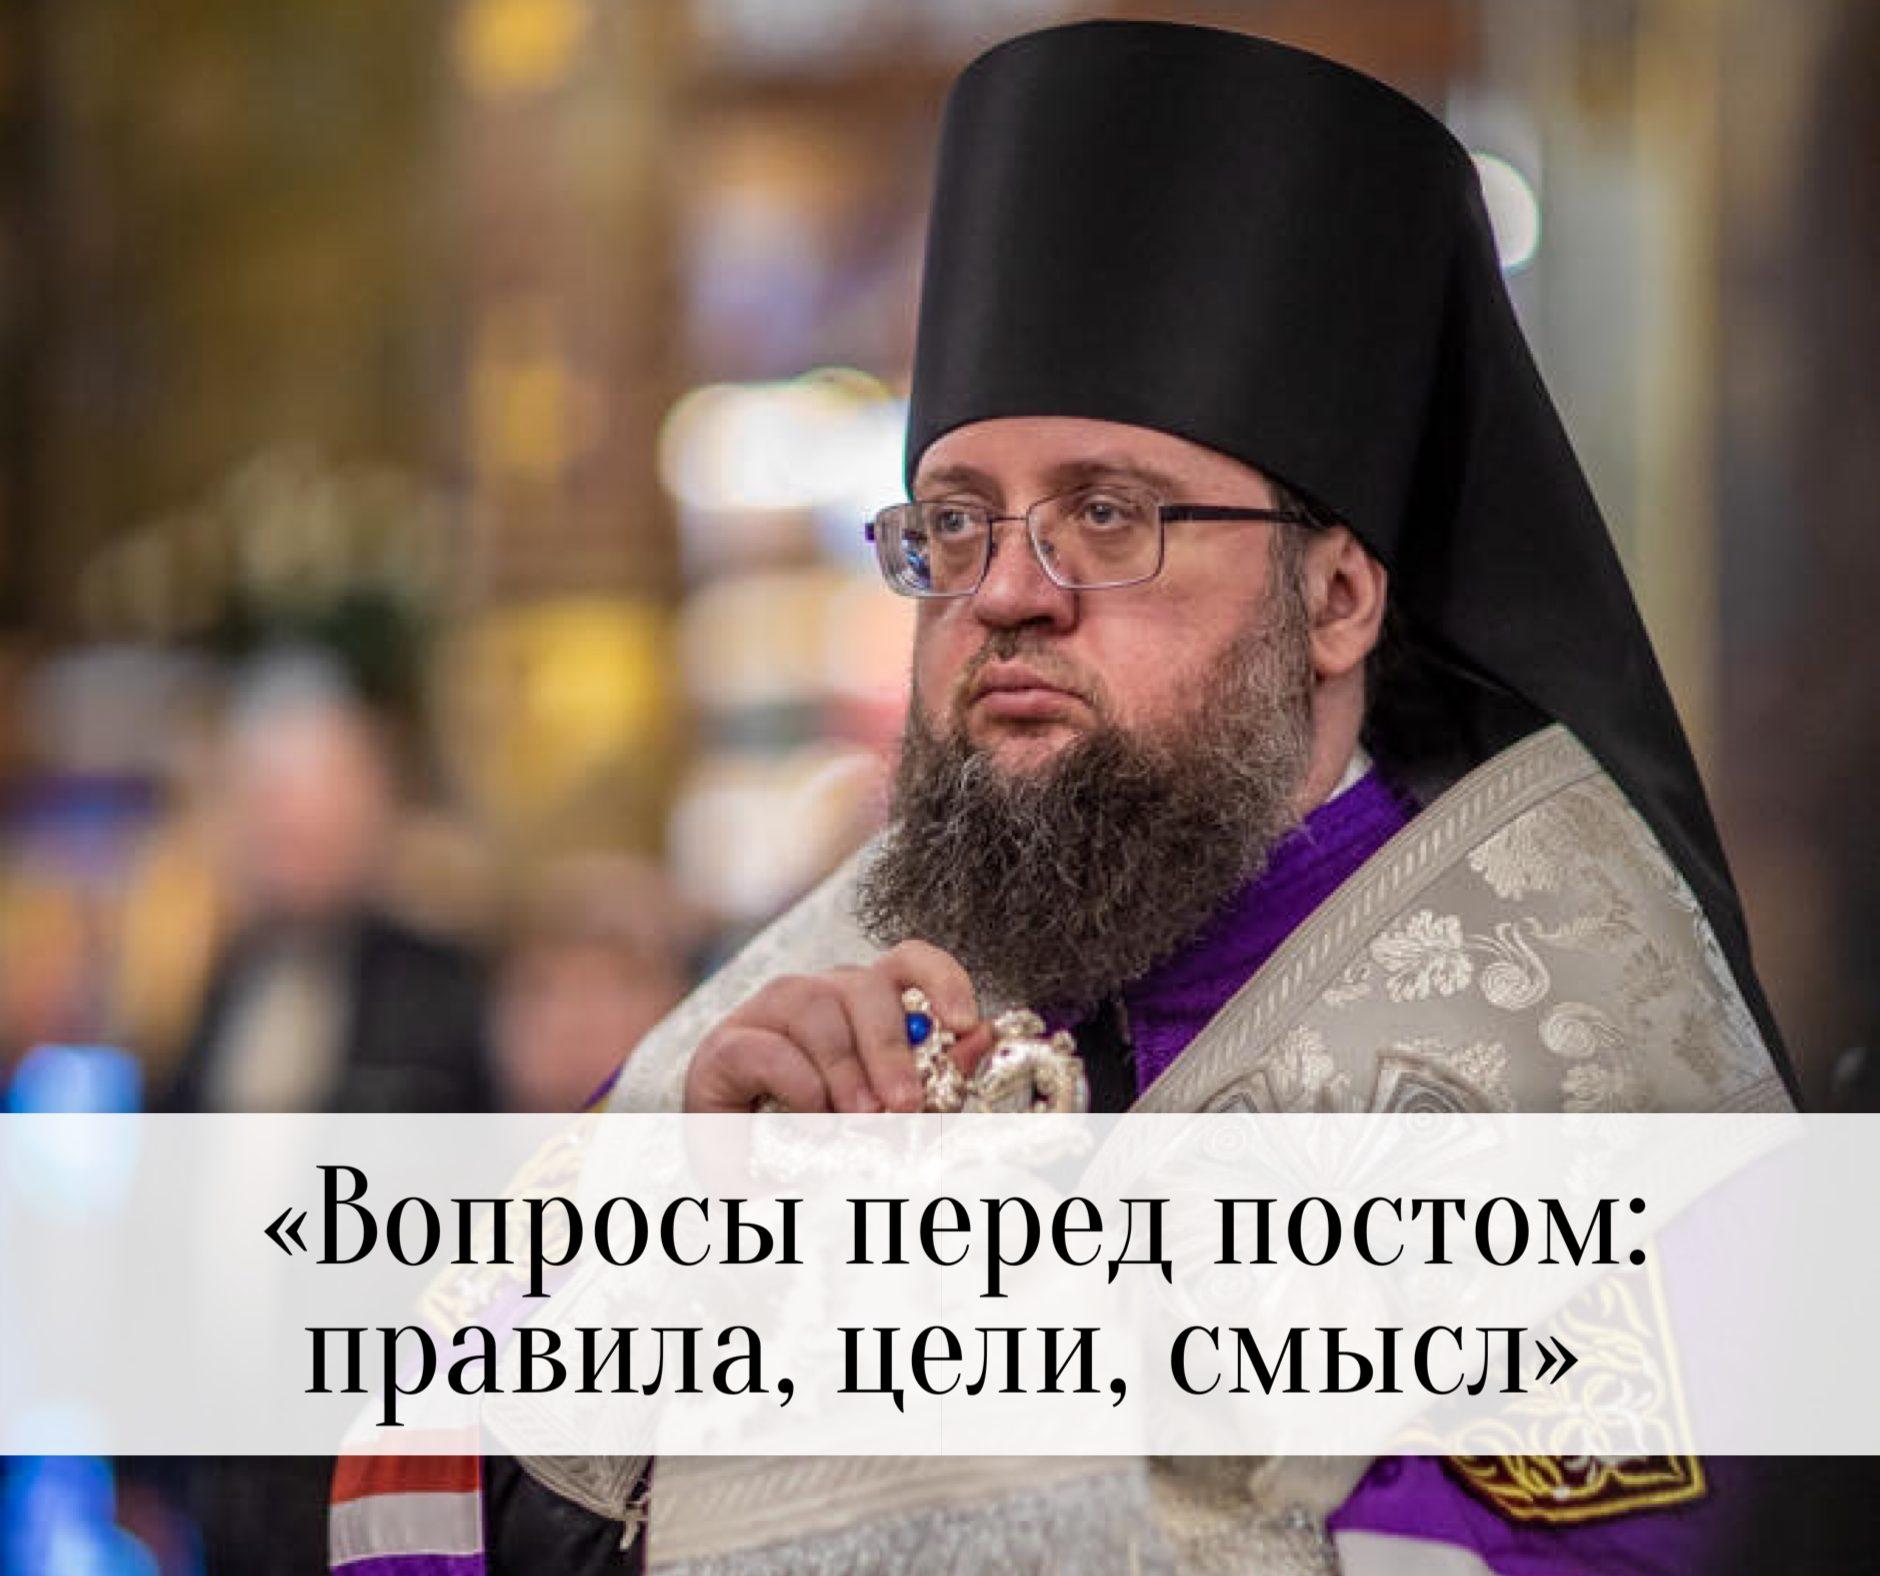 Епископ Сильвестр (Сточев) «Вопросы перед постом: правила, цели, смысл»